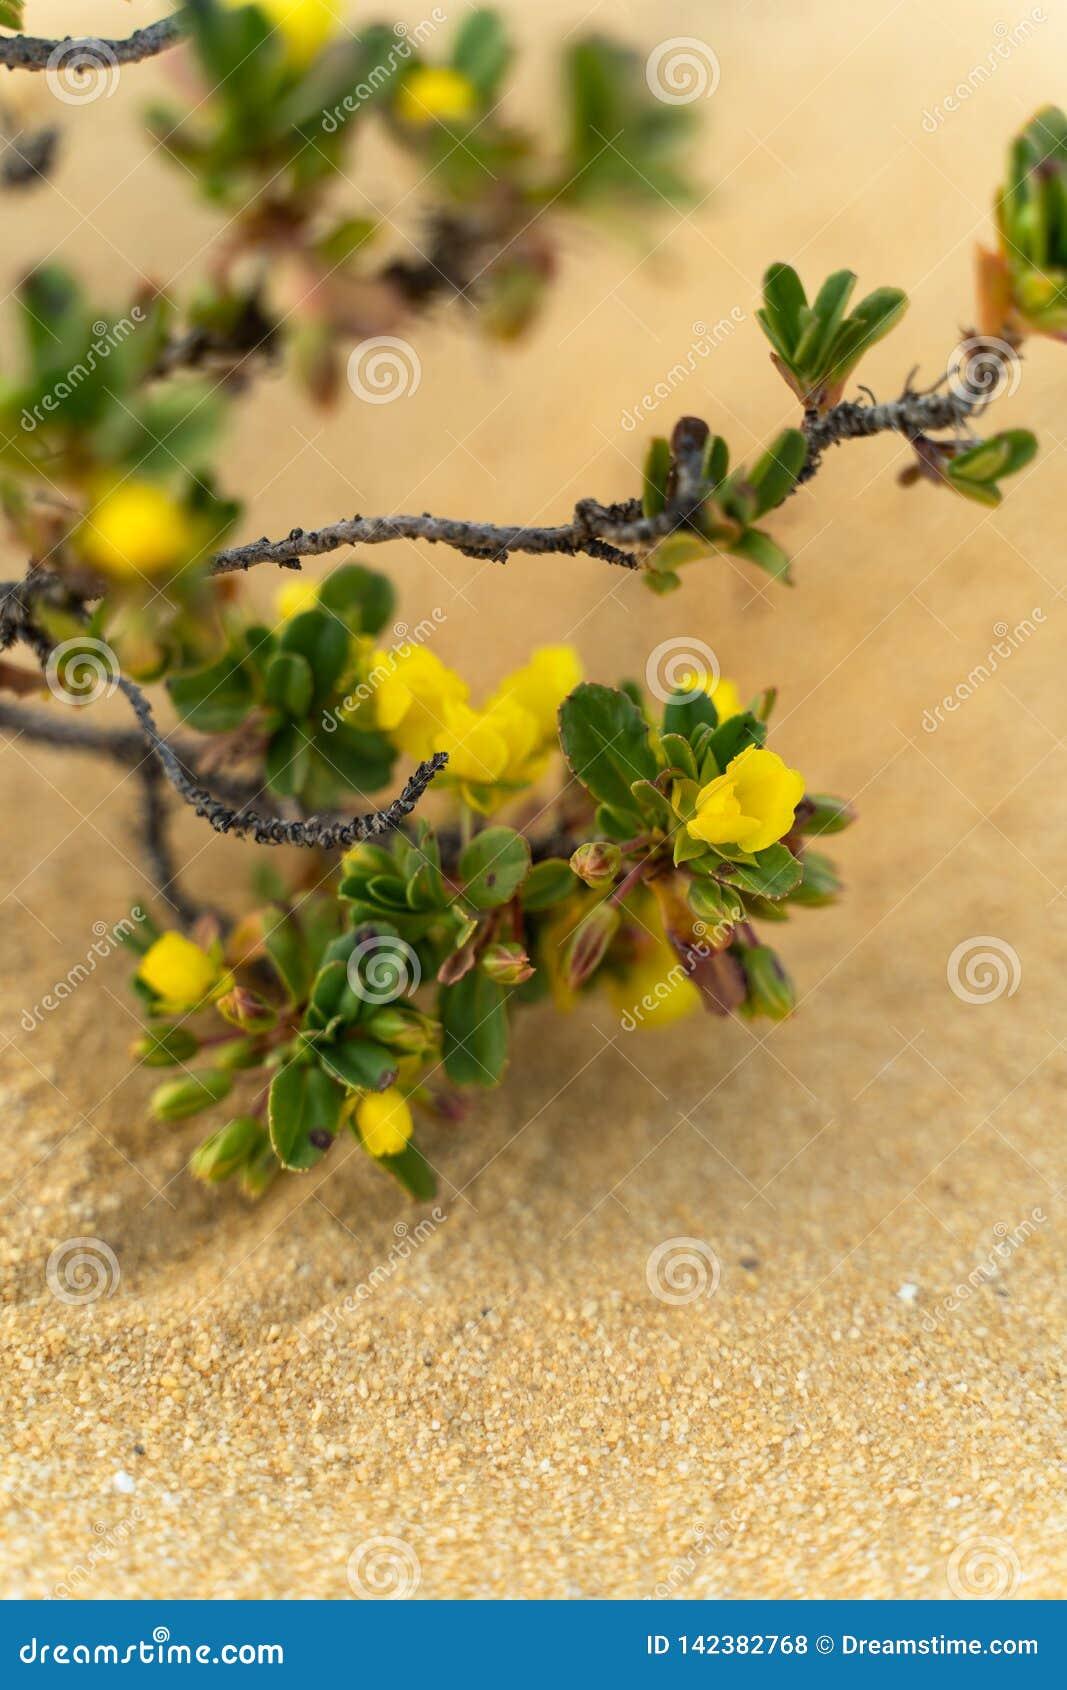 Gul blommig buske som växer i öknen - västra Australien